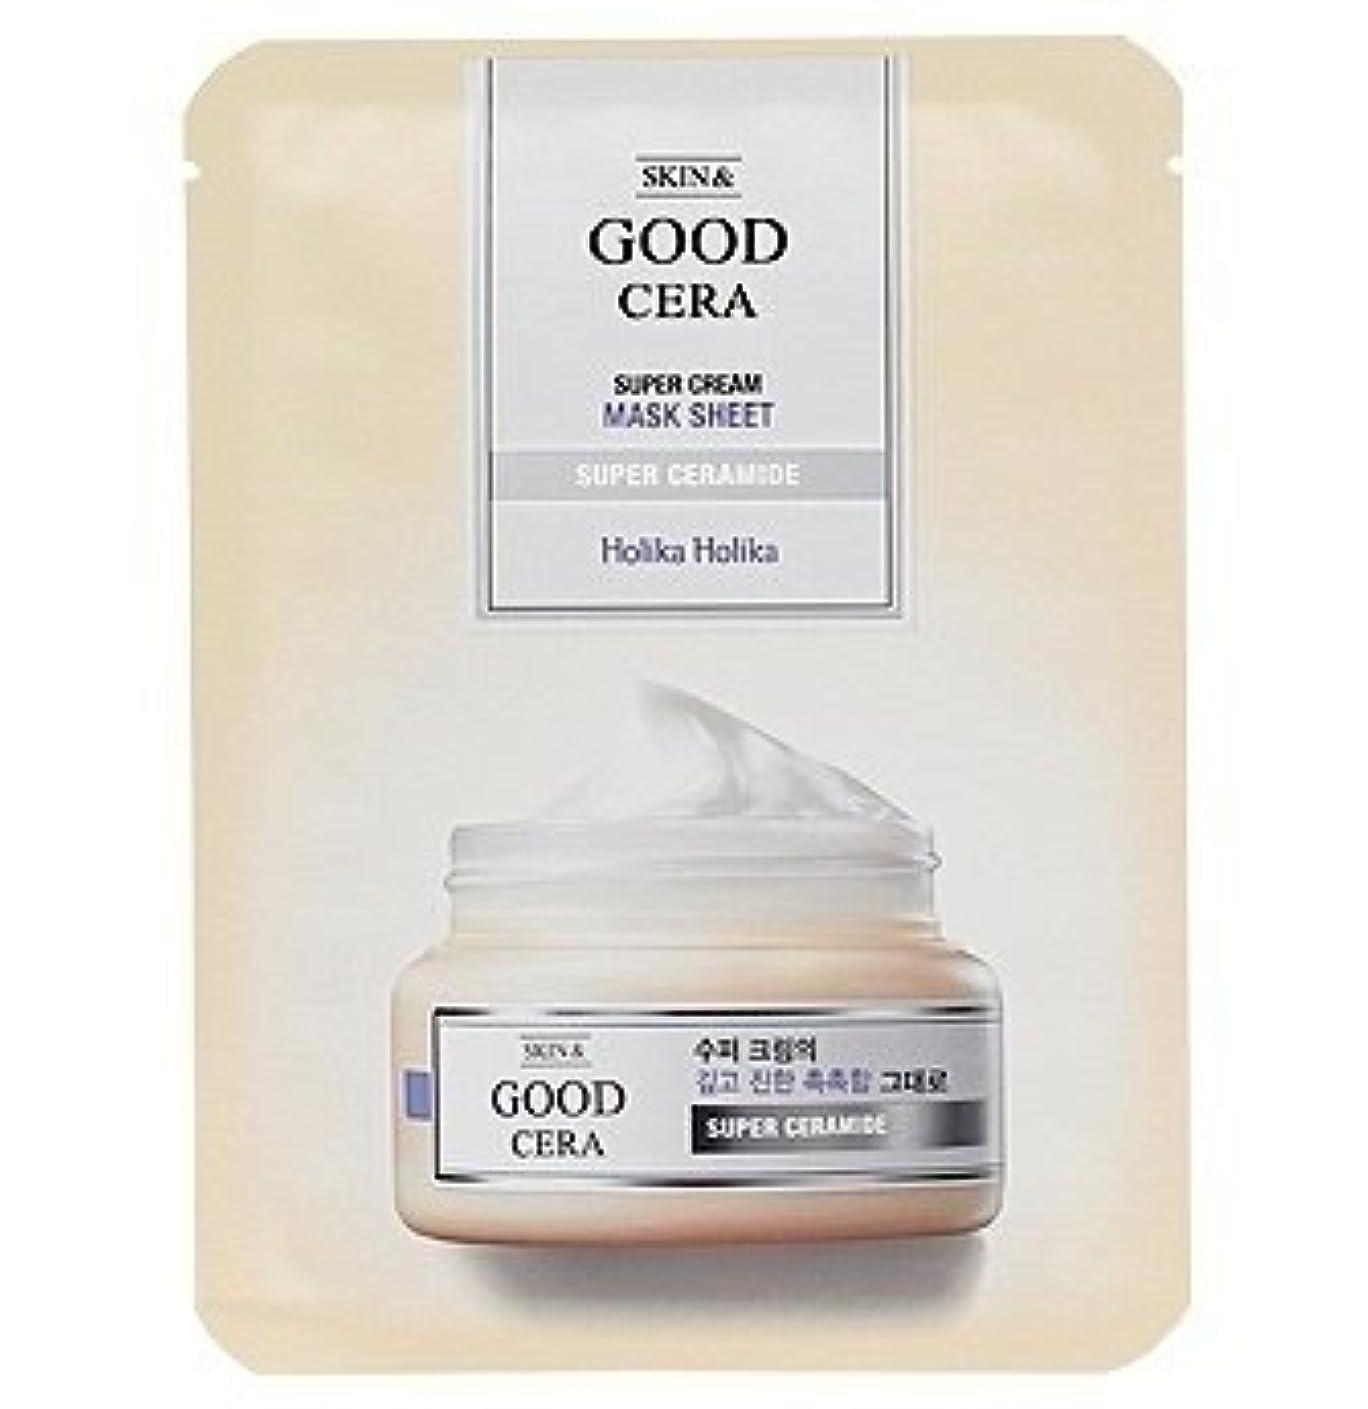 気づかない発音イチゴホリカホリカ グッドセラ スーパークリーム マスクシート(3枚) Holika Holika Good Cera Super Cream Mask Sheet(3EA) [並行輸入品]